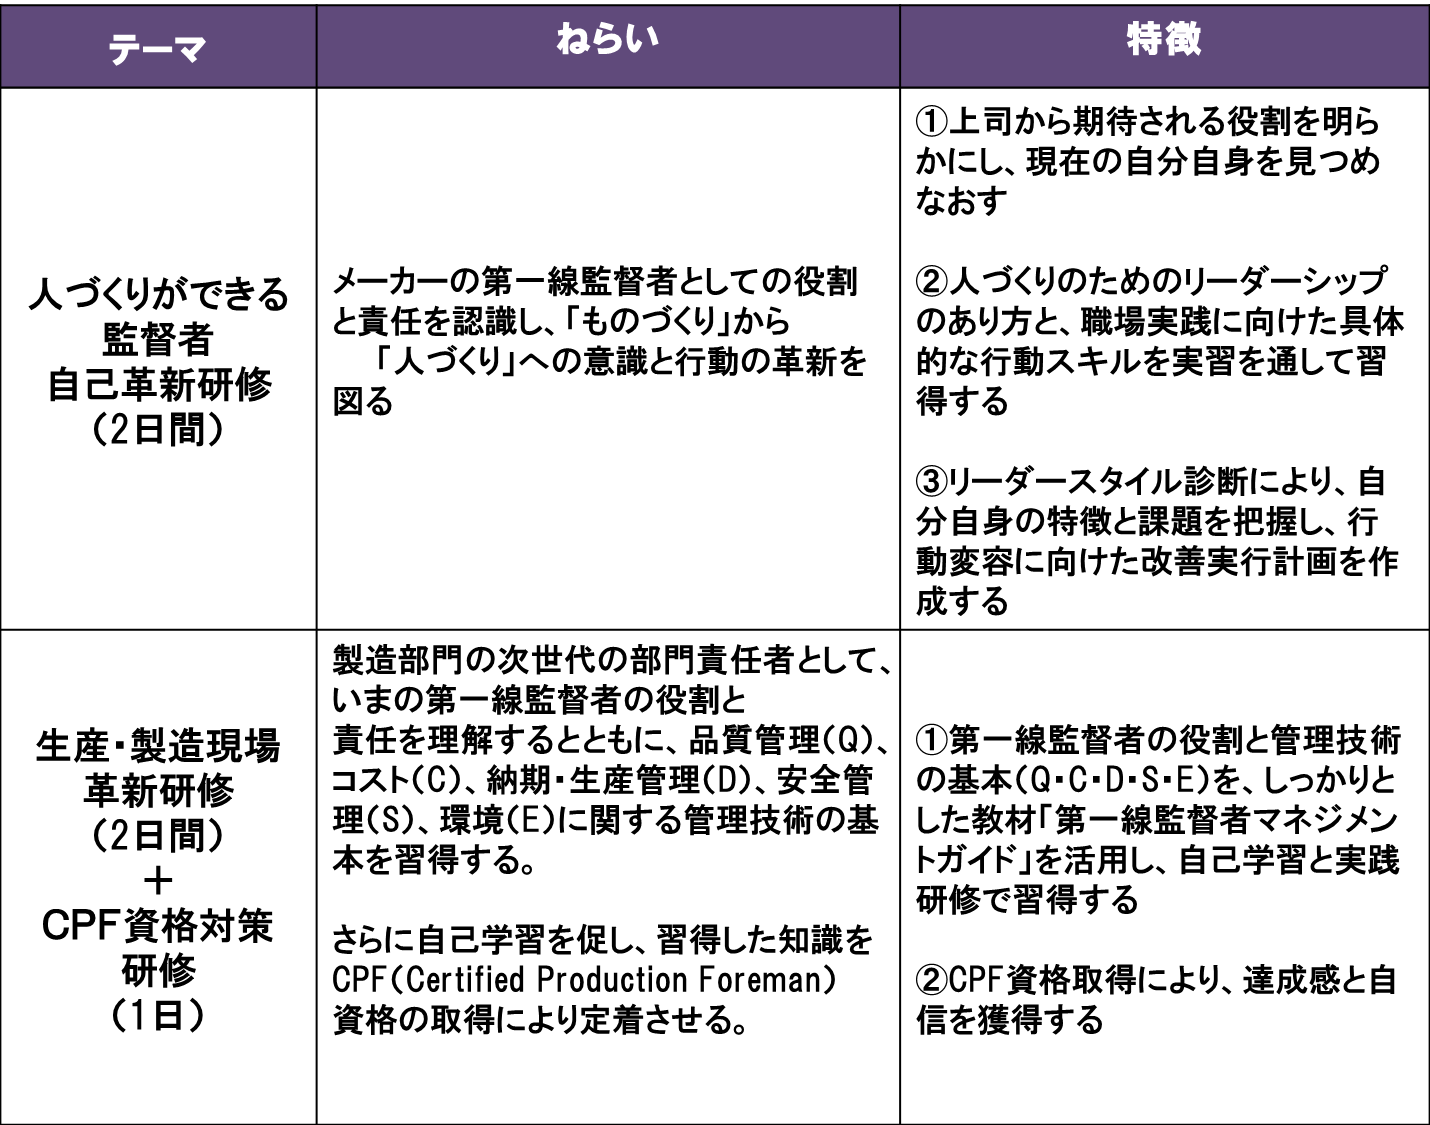 監督者向けメニュー